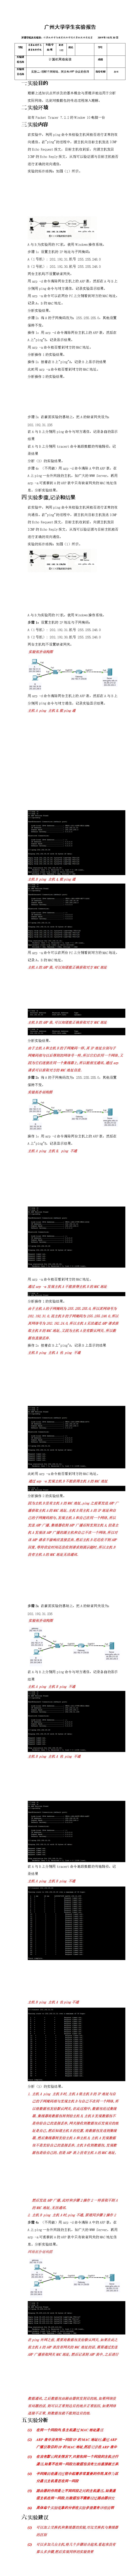 2019广州大学计算机网络实验二